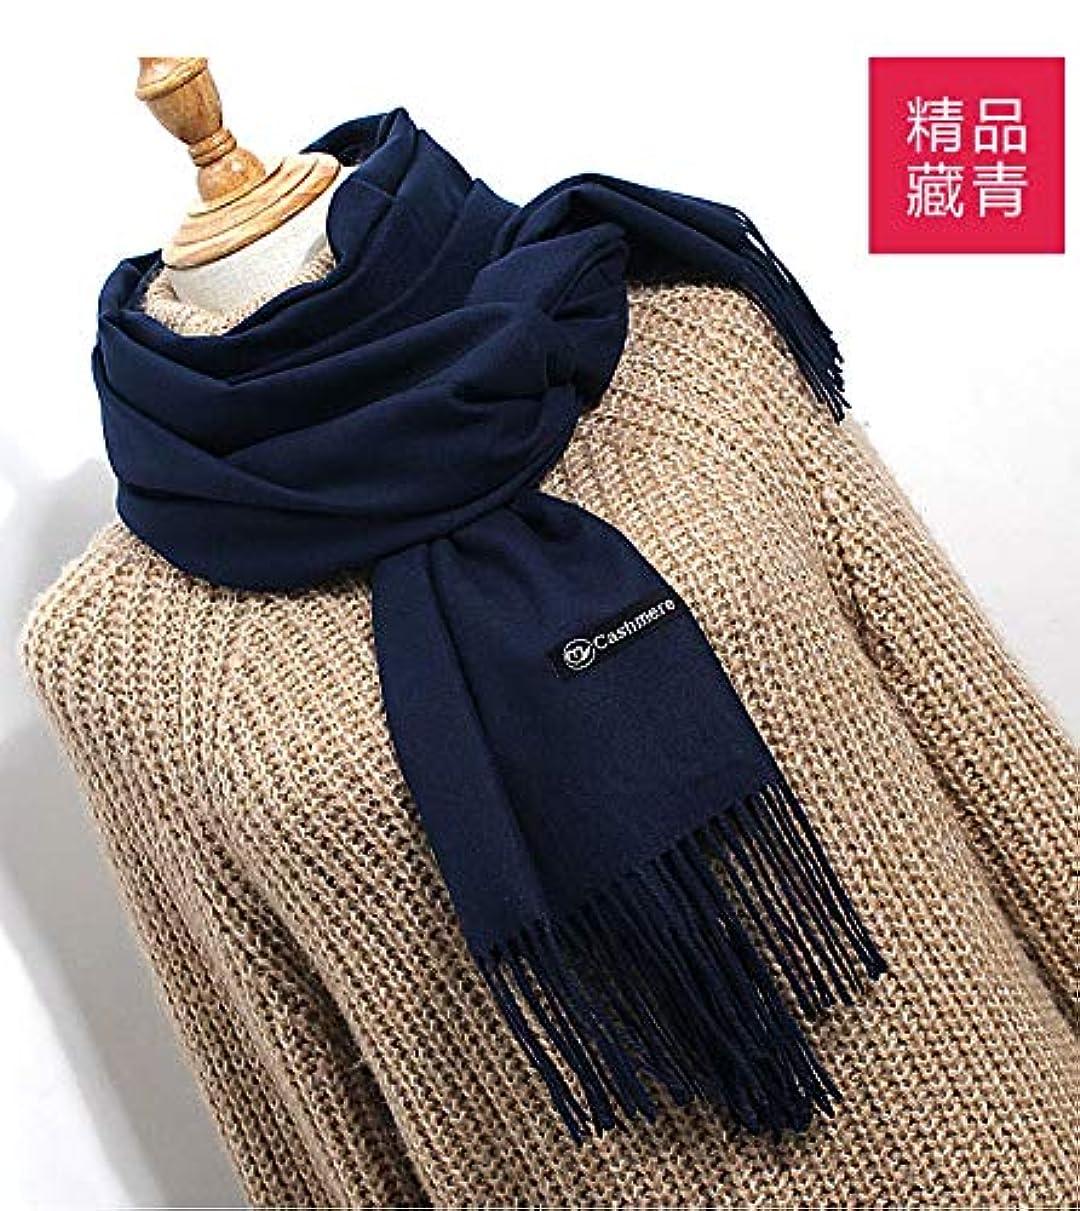 消化器キリン役職スカーフは、大きな赤いスカーフ女性の秋と冬の長いセクション野生生徒の黄色のショール綿厚い中国年次会議のカスタムロゴ、紺200X65の韓国語版をラップ